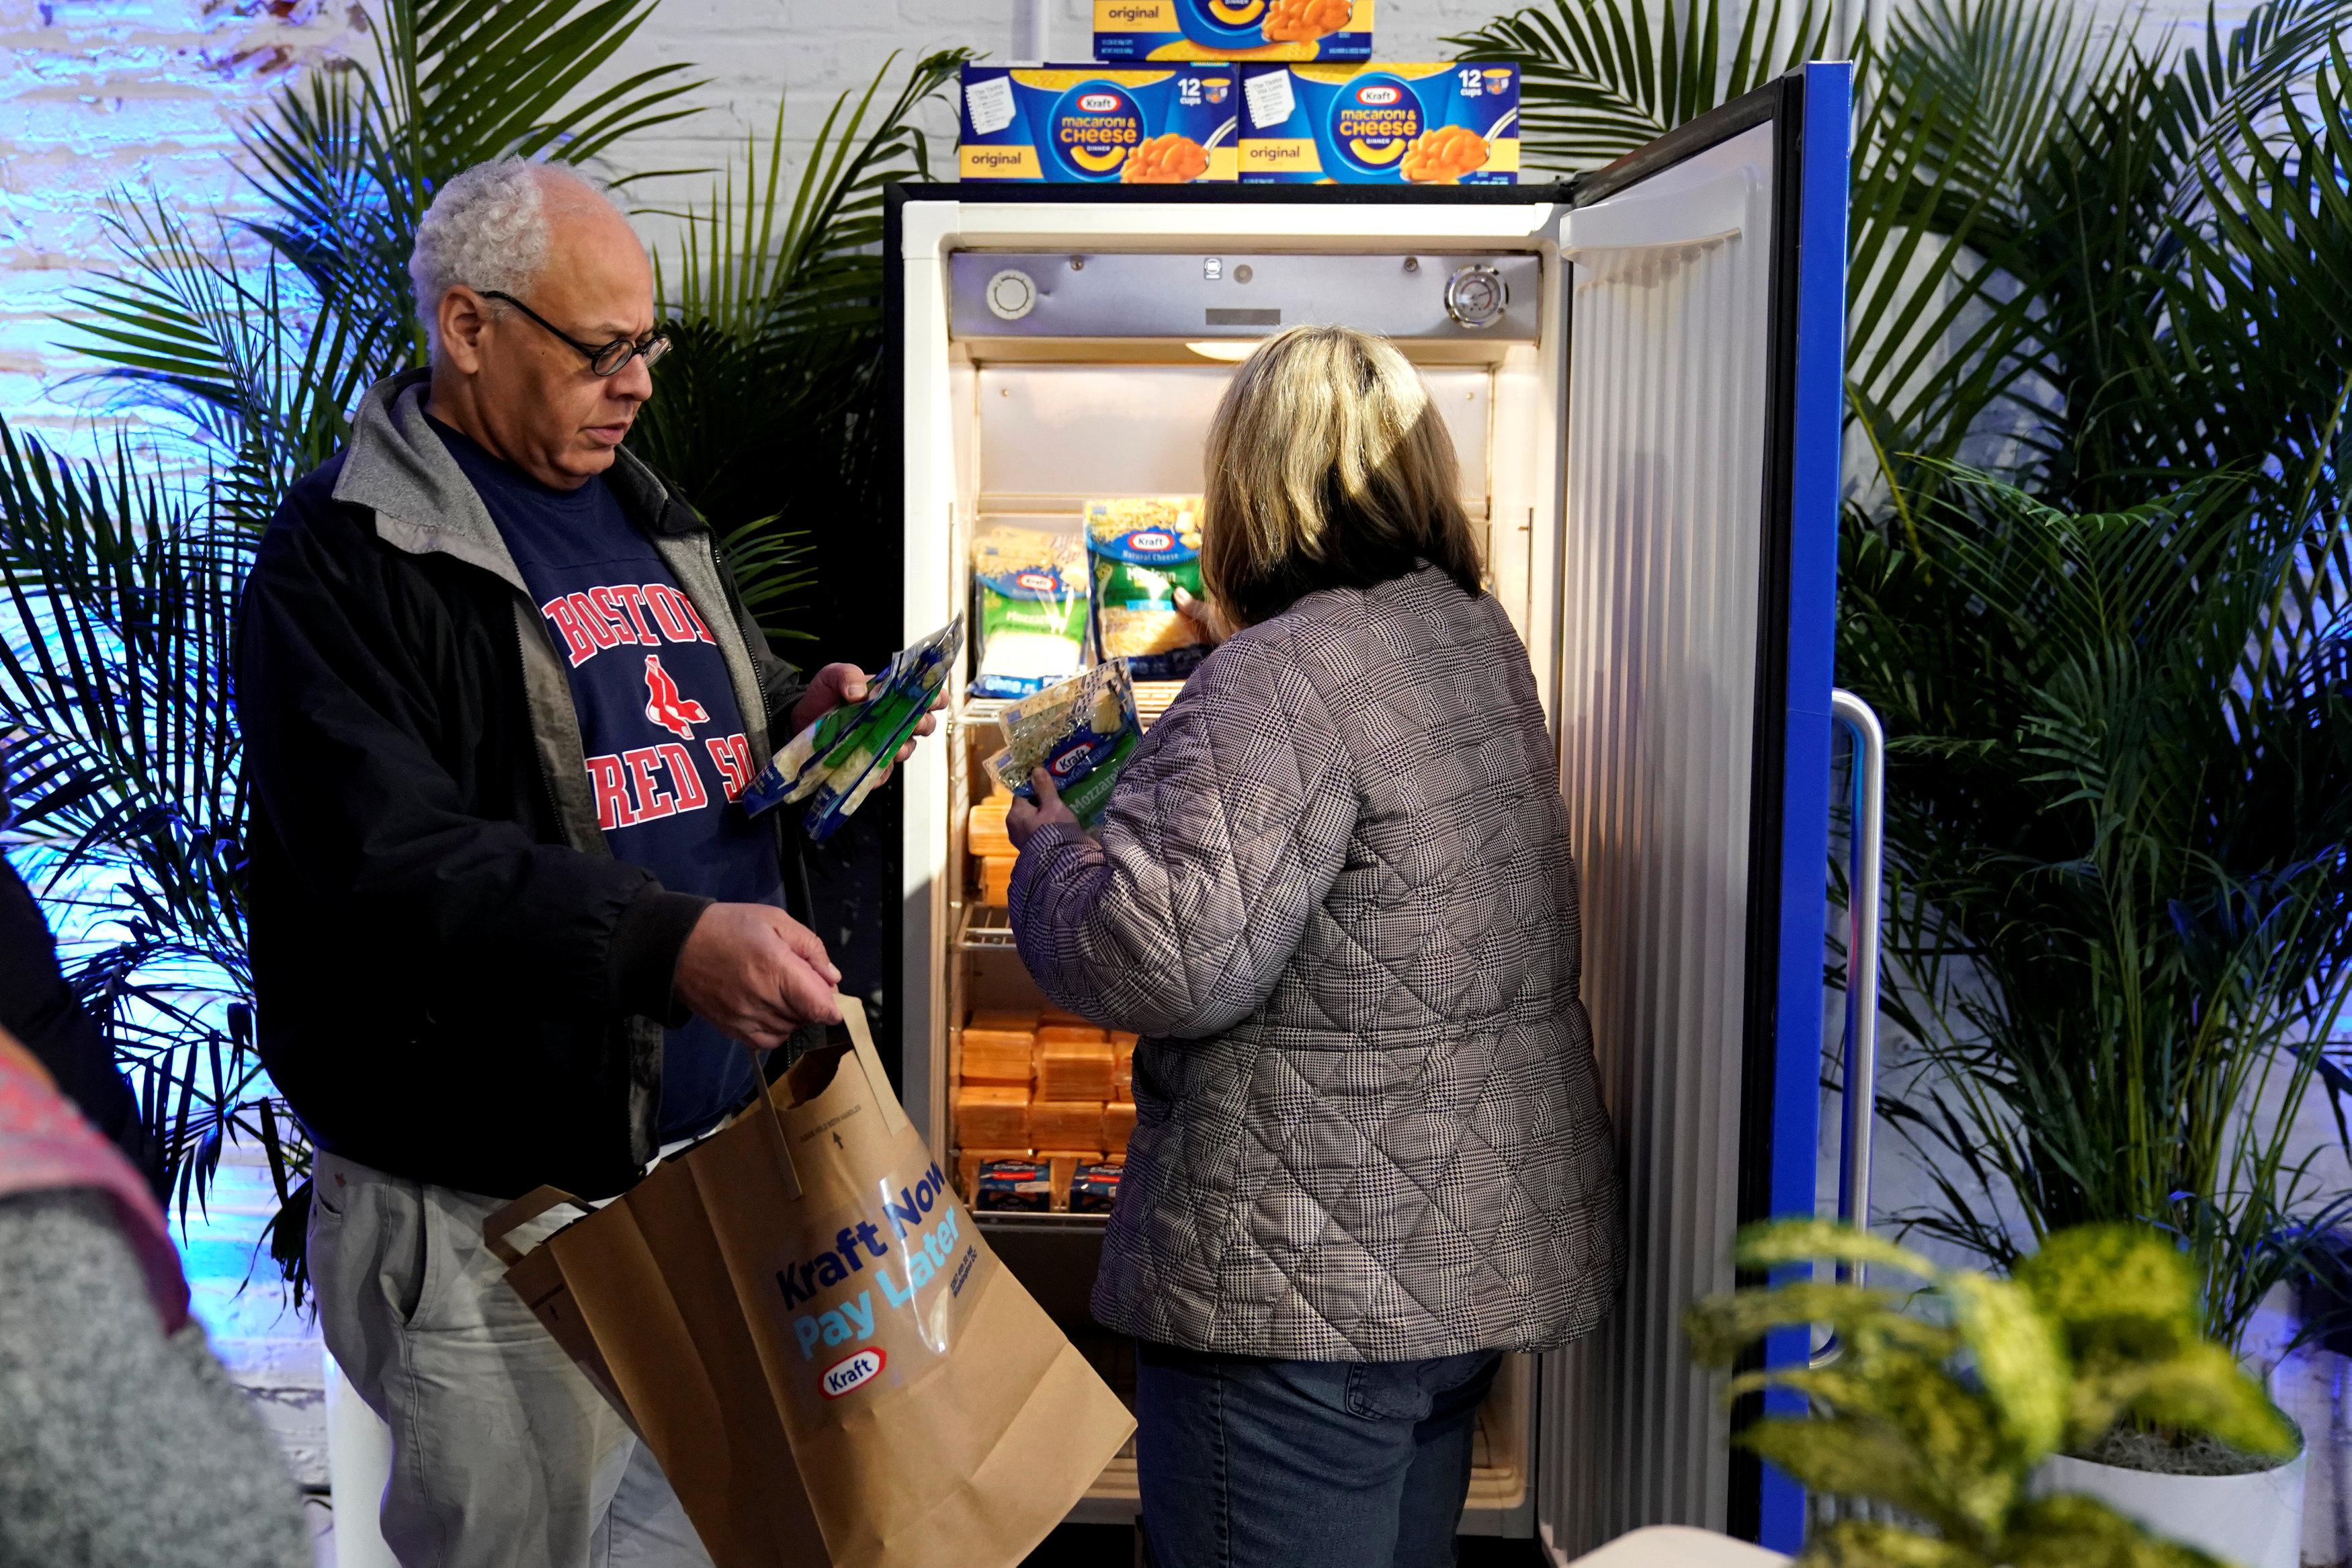 رجل وزوجته يحصلون على ما يحتاجون إليه من البضائع